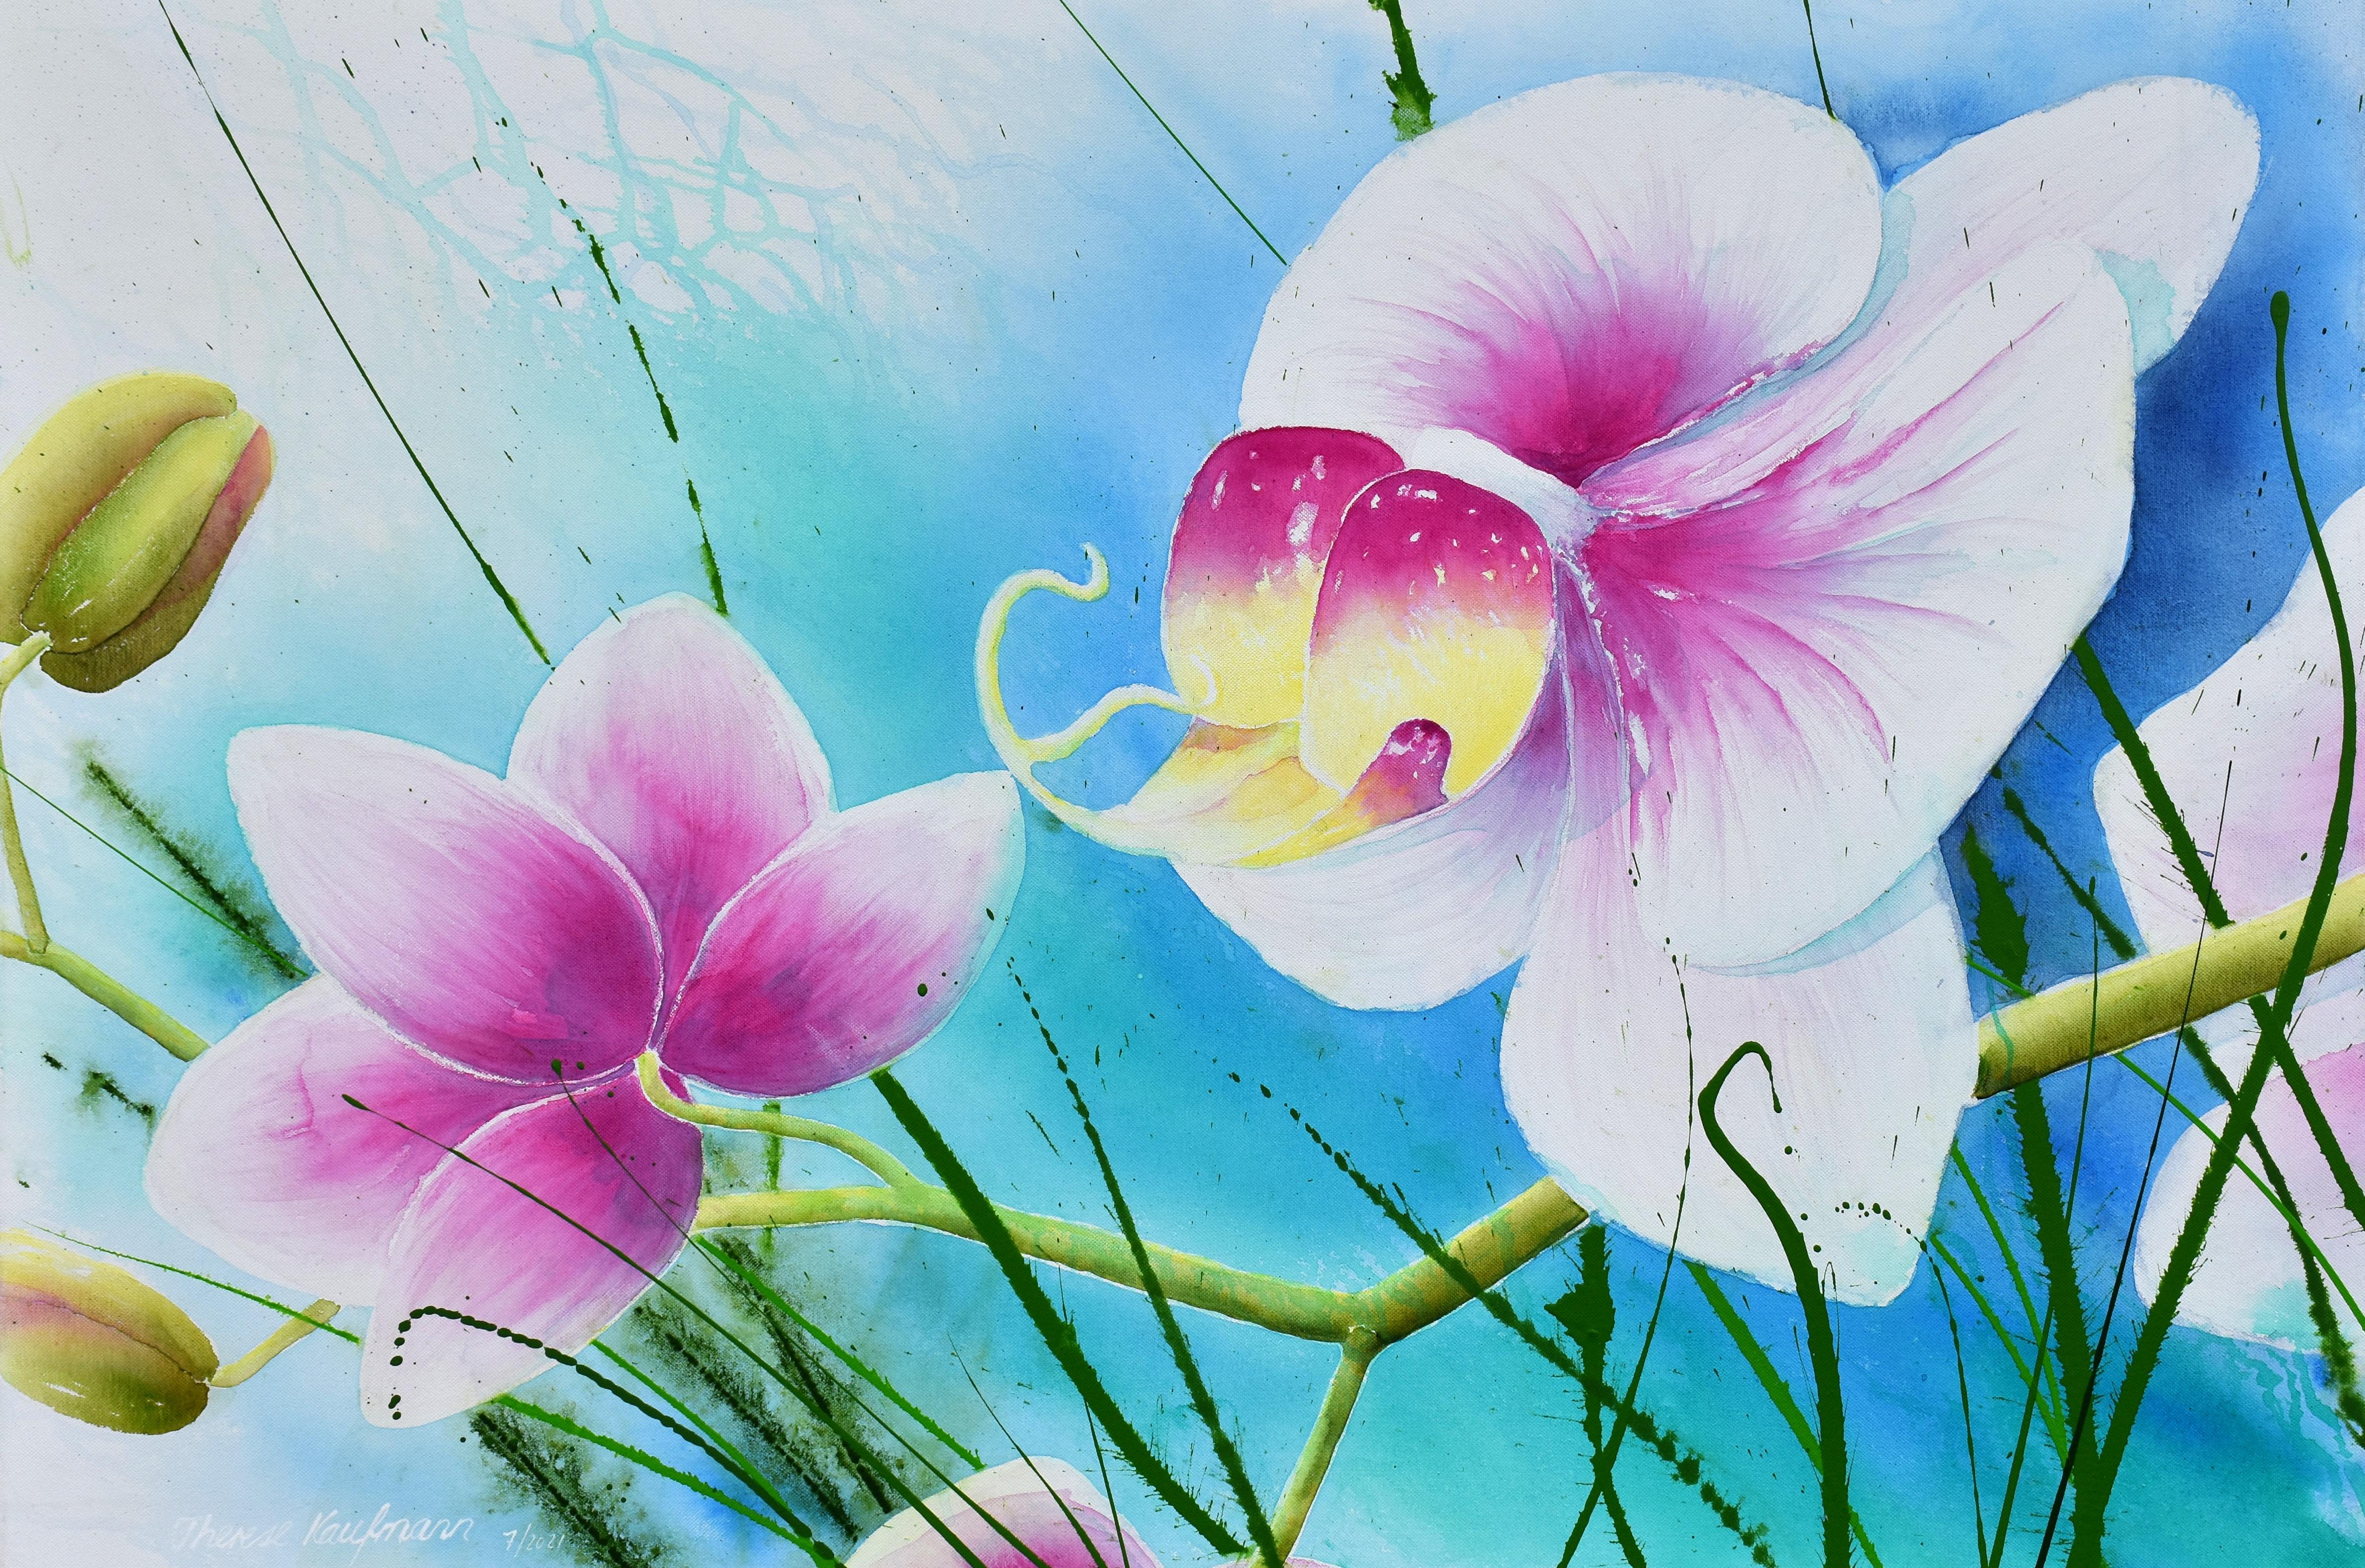 Südsee-Orchidee